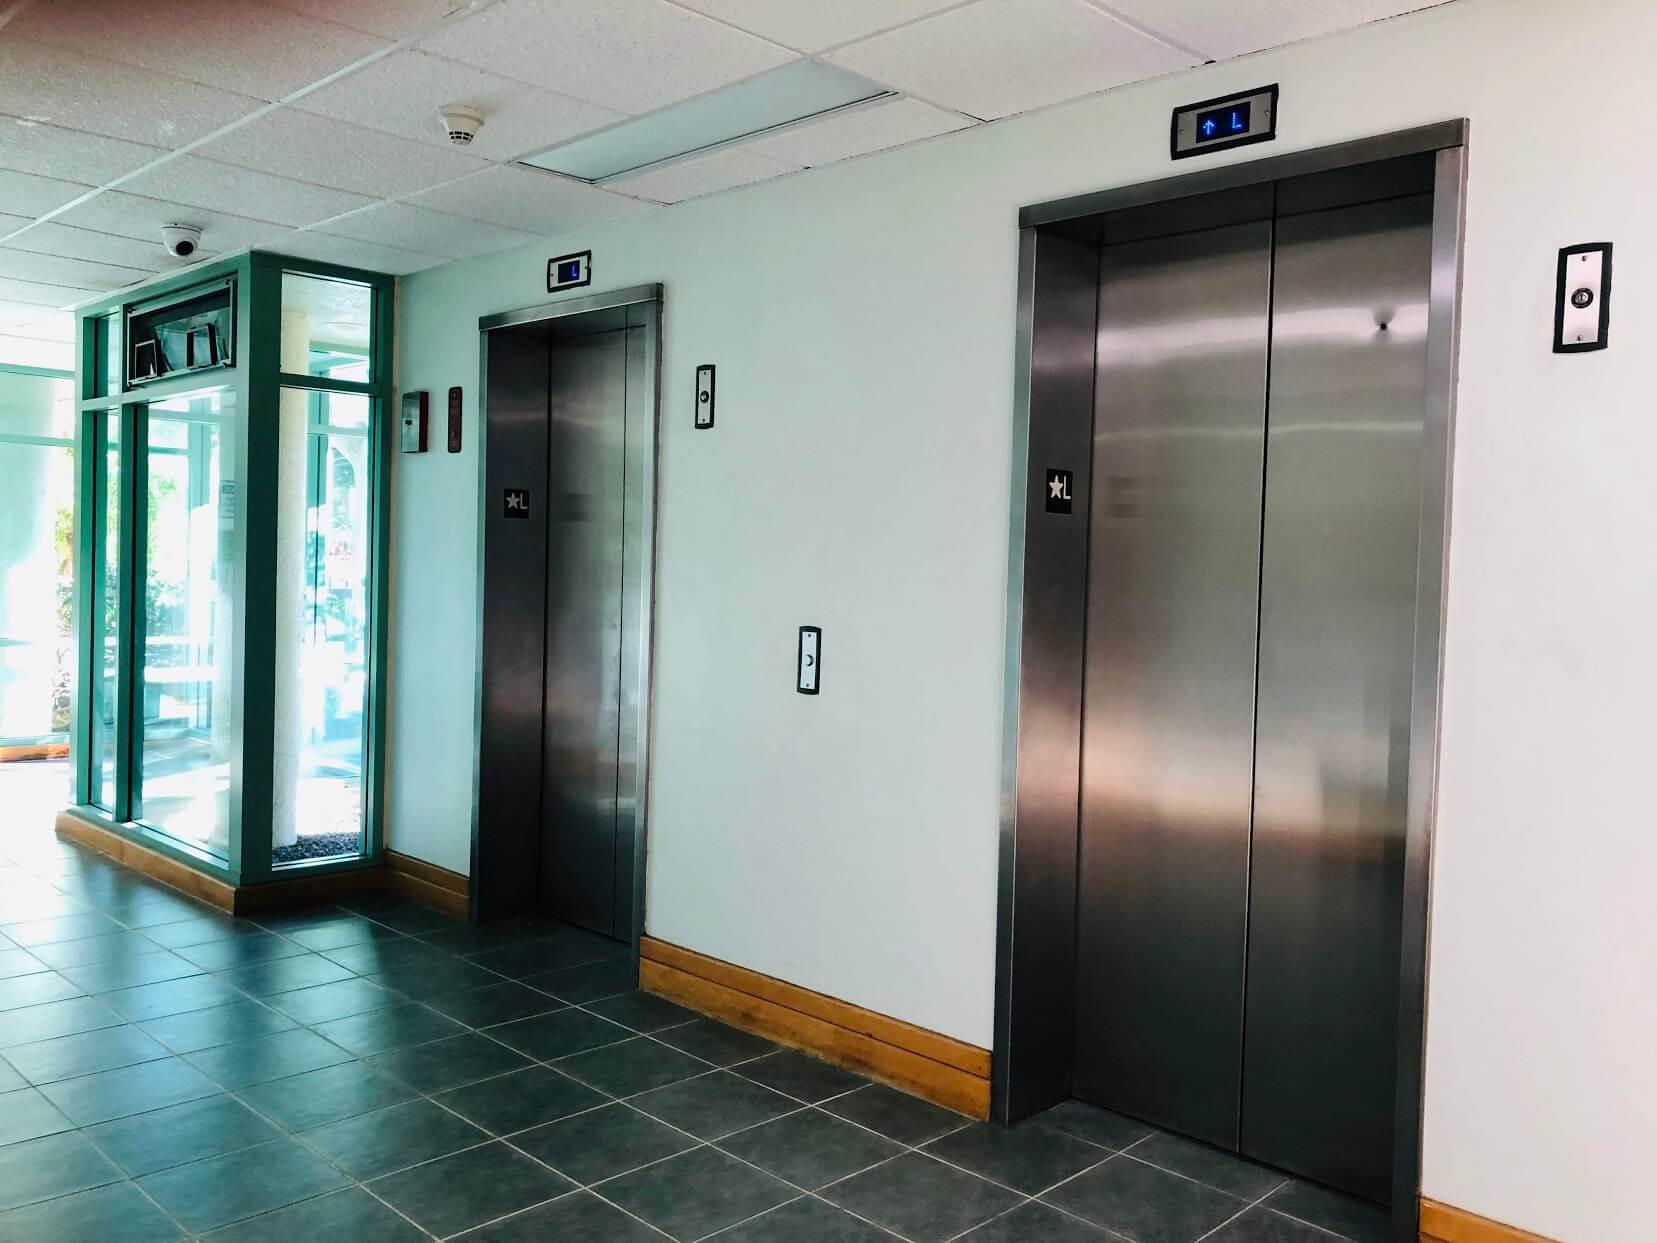 215 North Kingのエレベーター